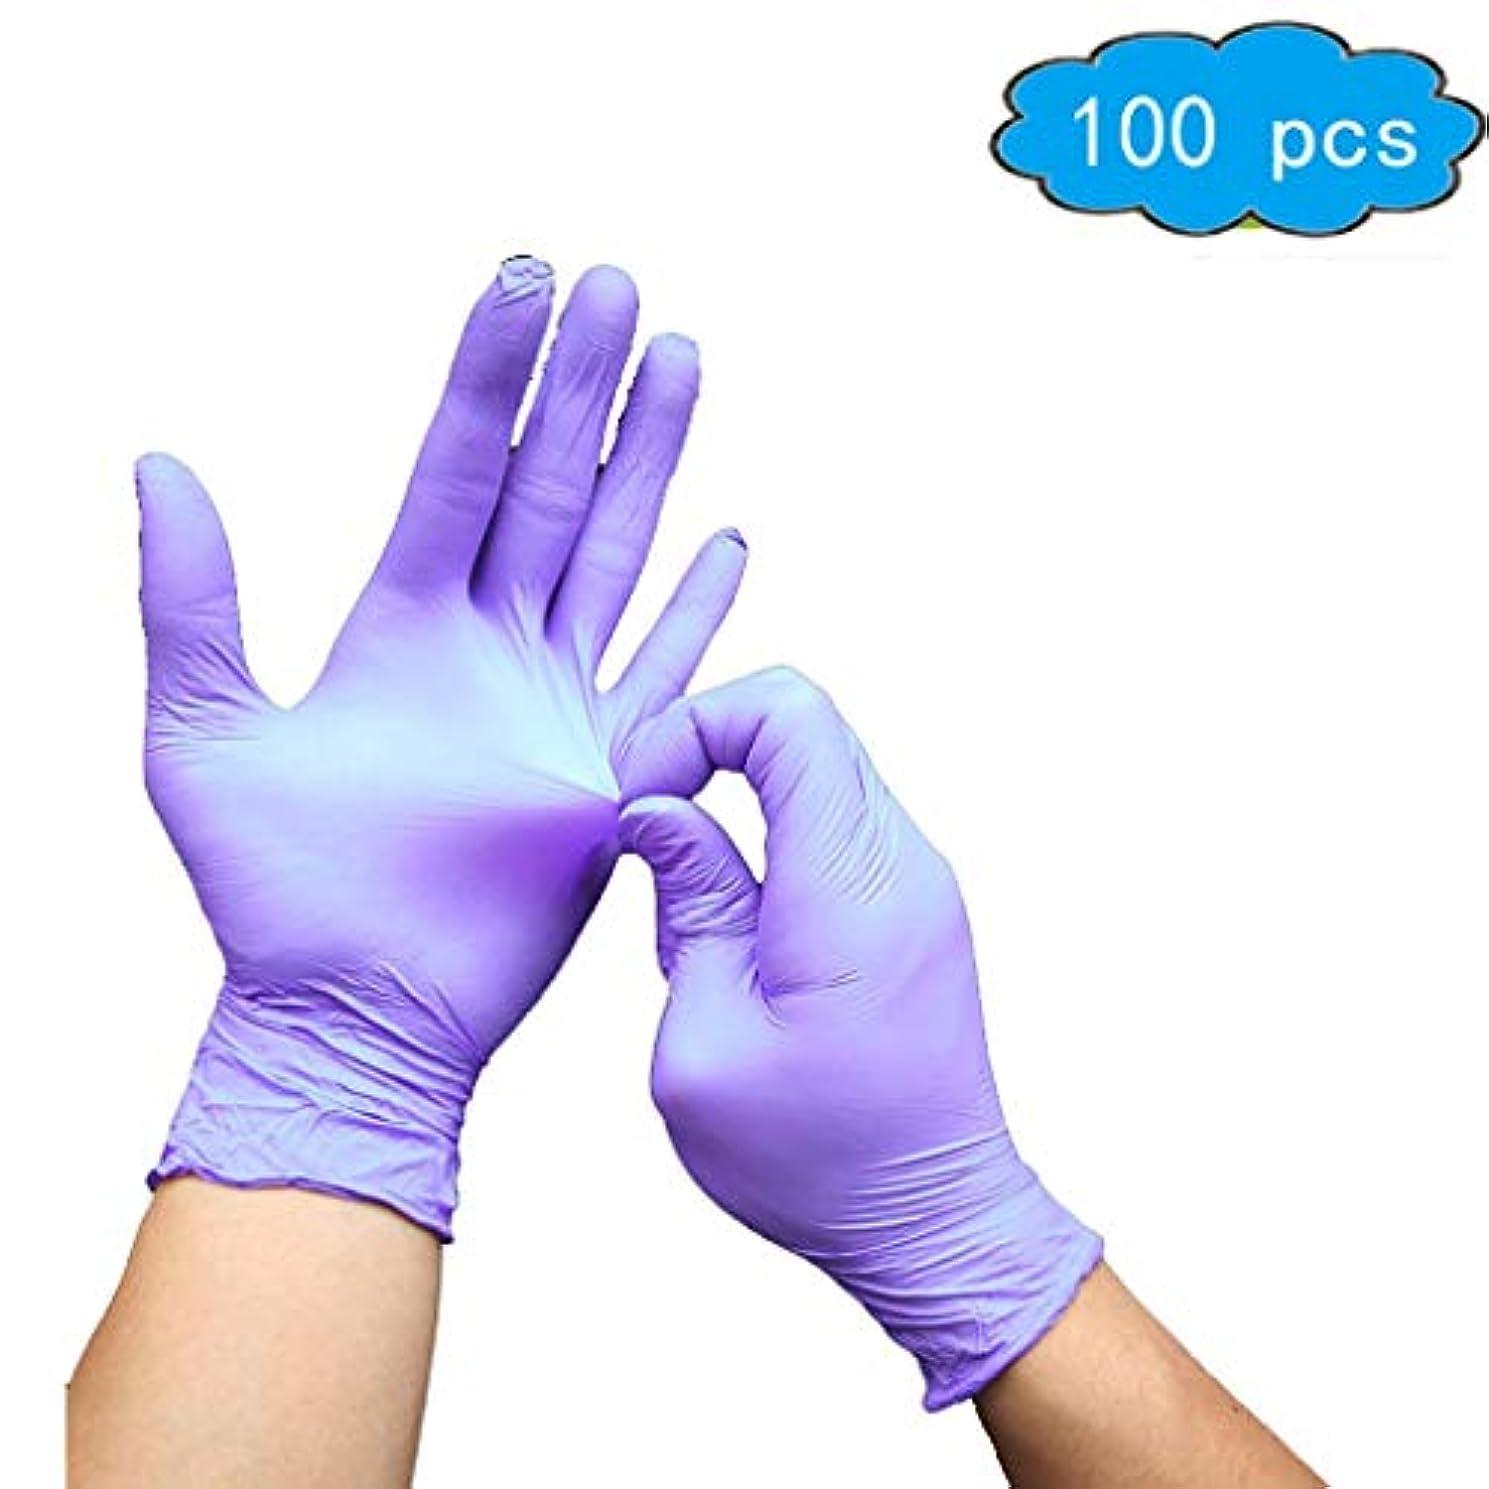 行政平和集中的な使い捨てニトリル手袋-4ミル、パウダーフリー、テクスチャード、使い捨て、小、100個入り、防水、ゴムラテックス、タトゥー、耐油性 (Color : Purple, Size : XS)